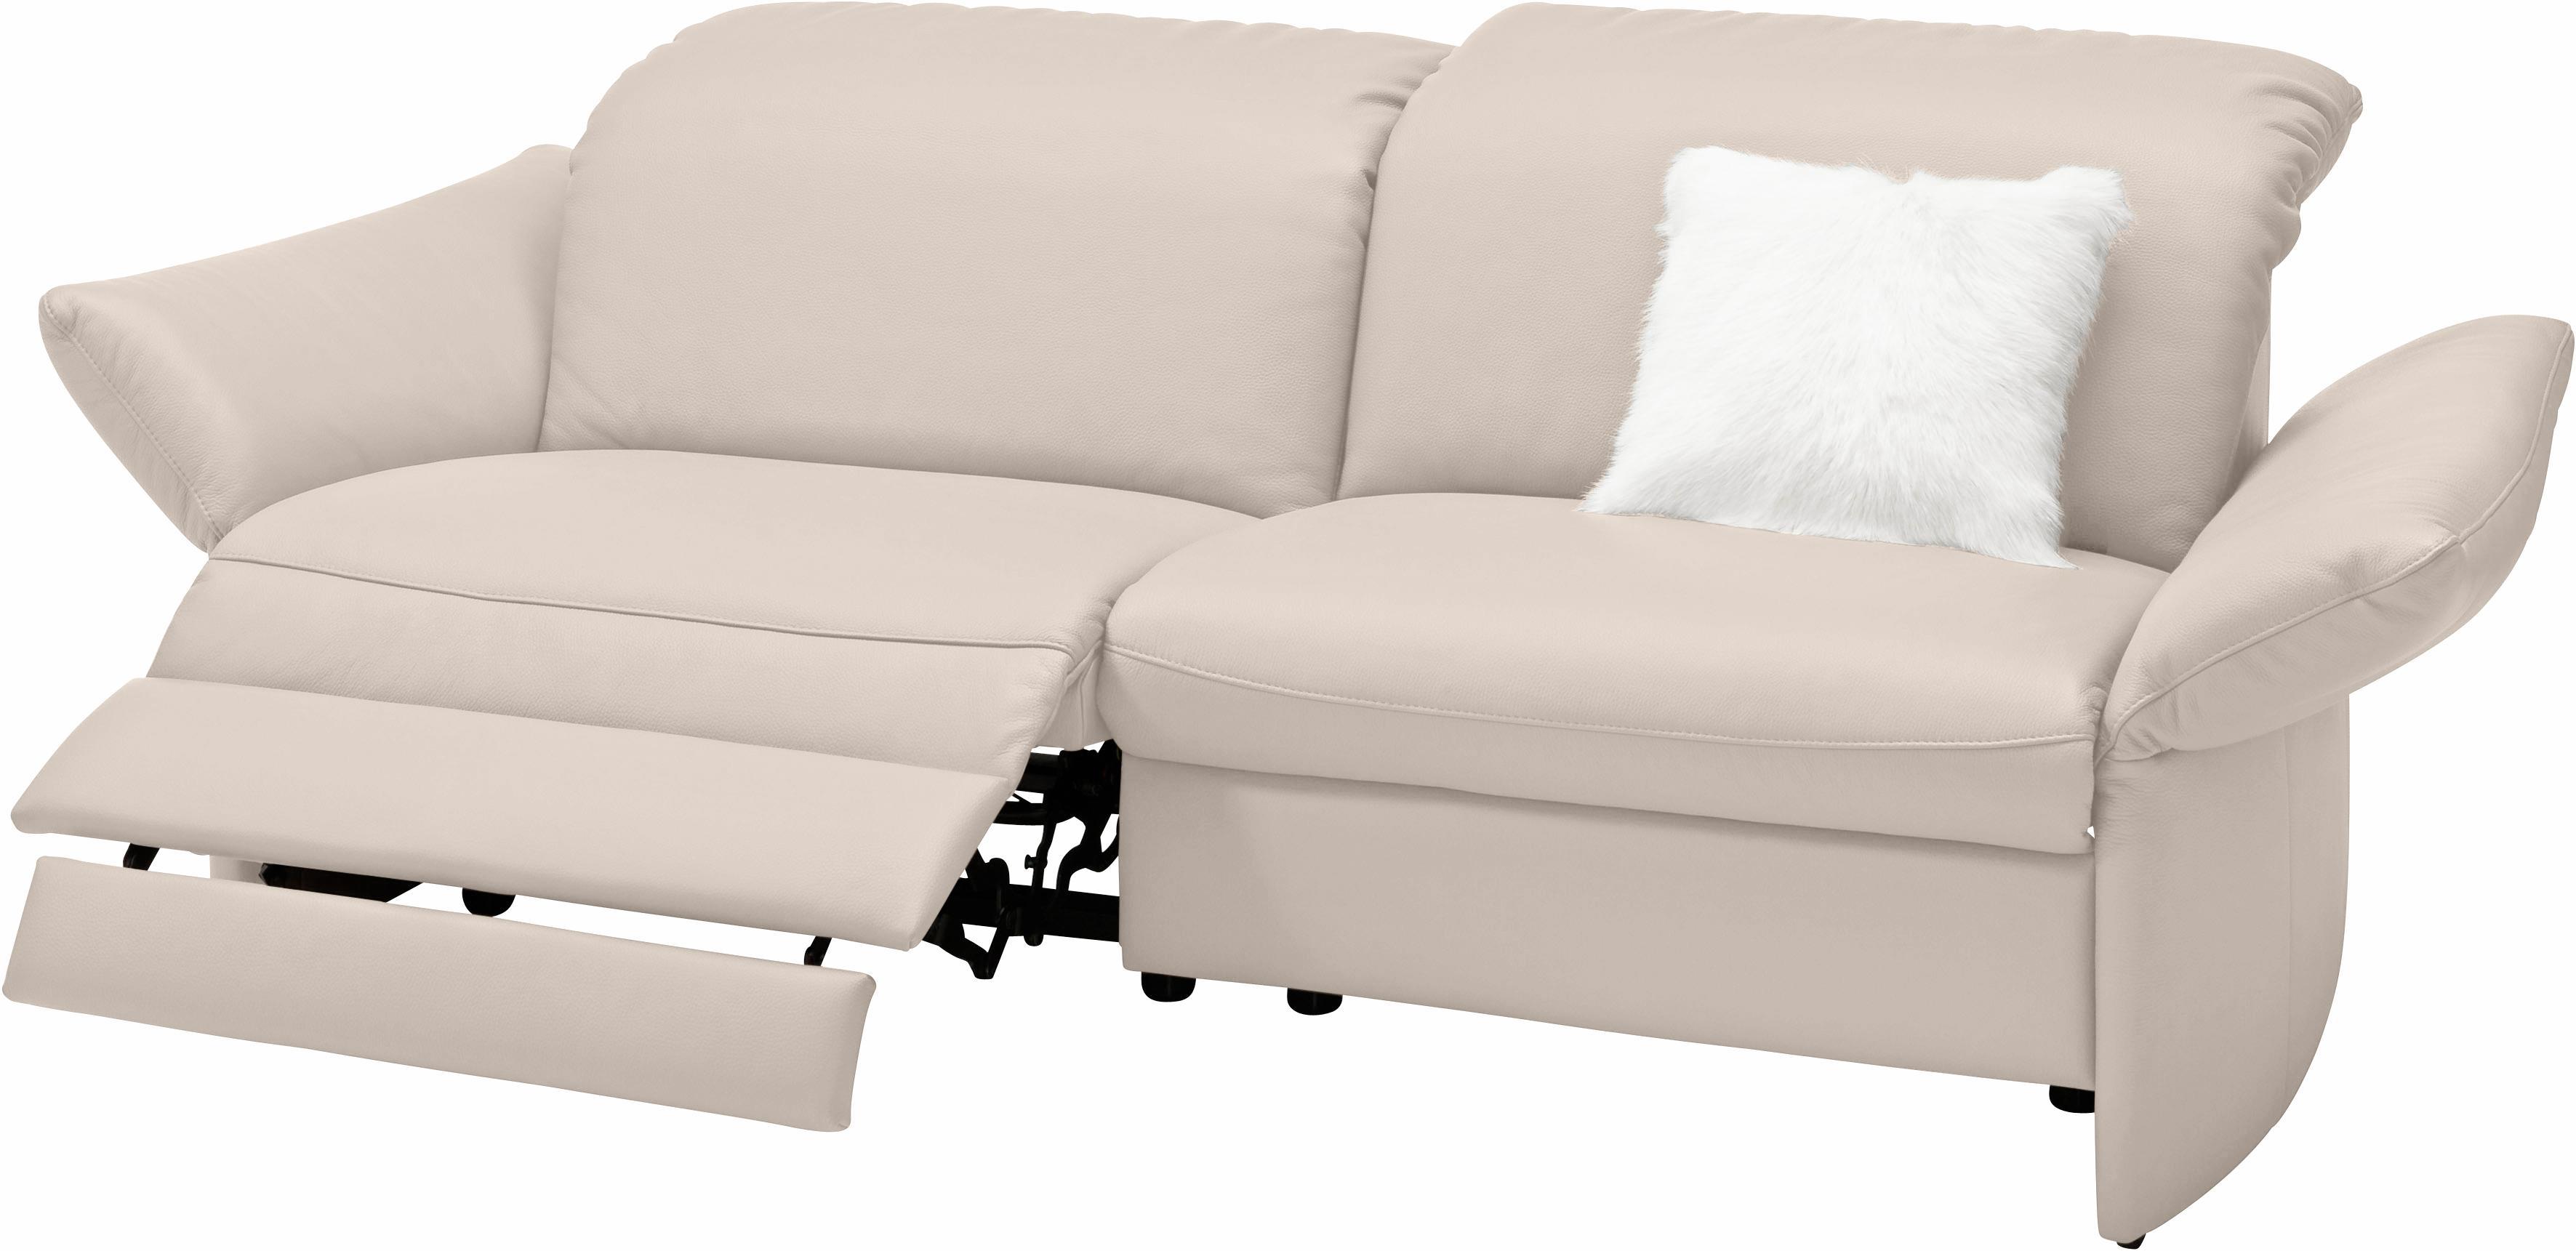 Gallery M 2 3 Sitzer Sofas Online Kaufen Möbel Suchmaschine